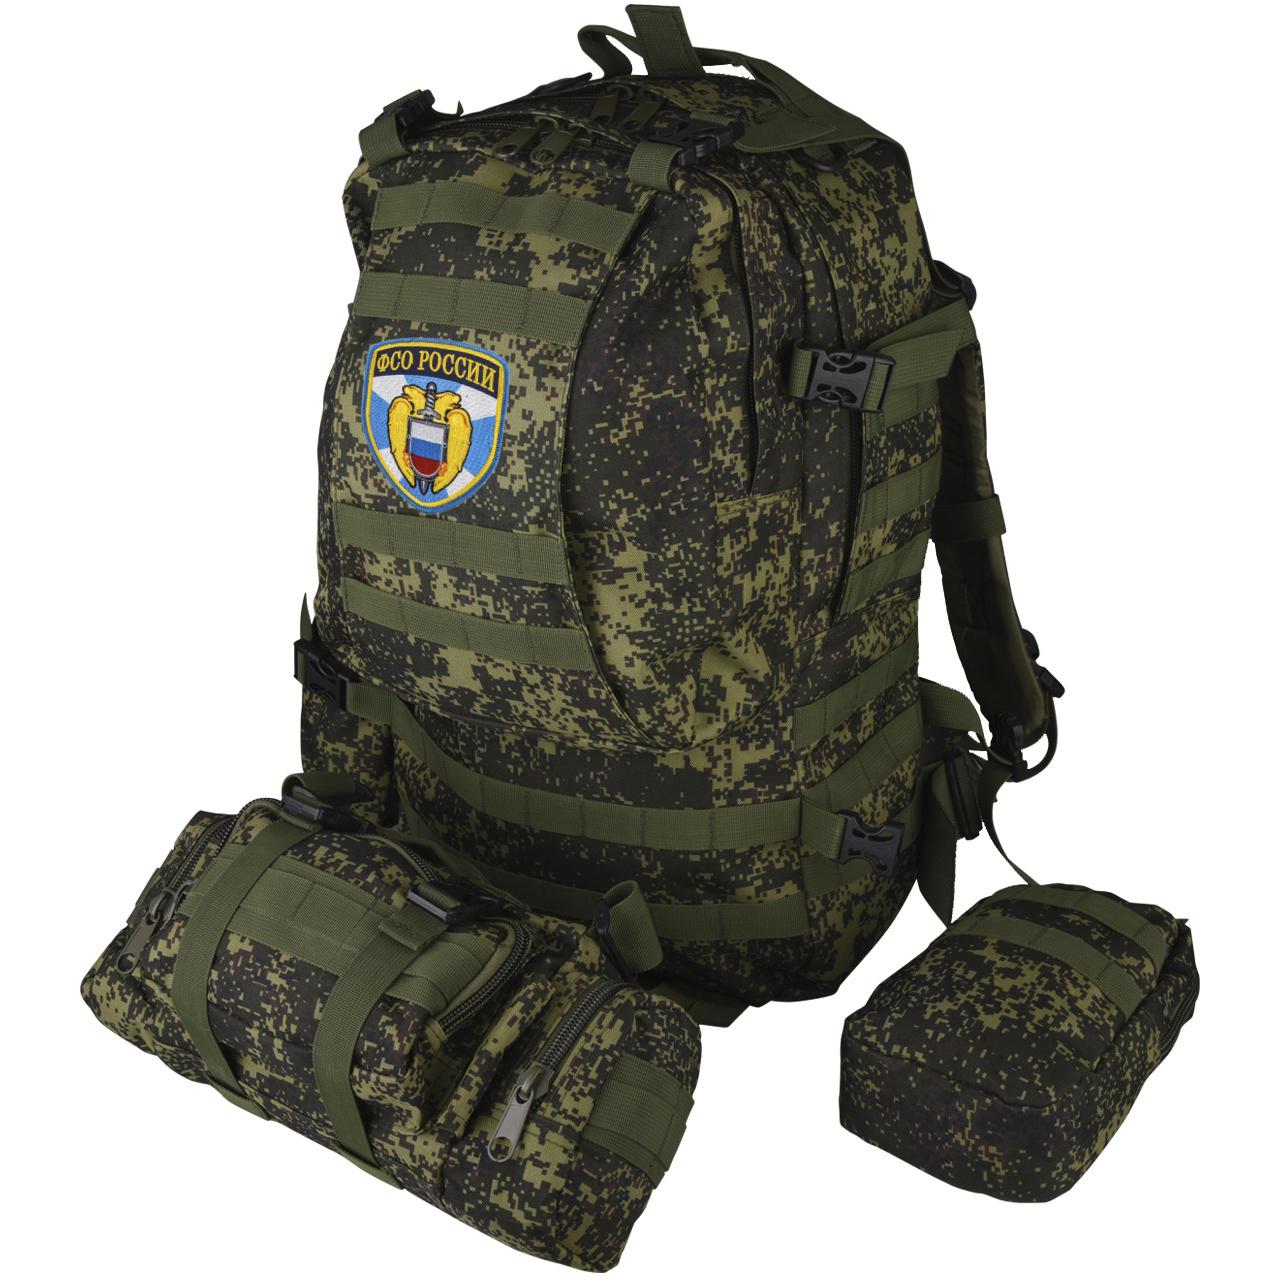 Универсальный военный рюкзак с нашивкой ФСО - купить онлайн